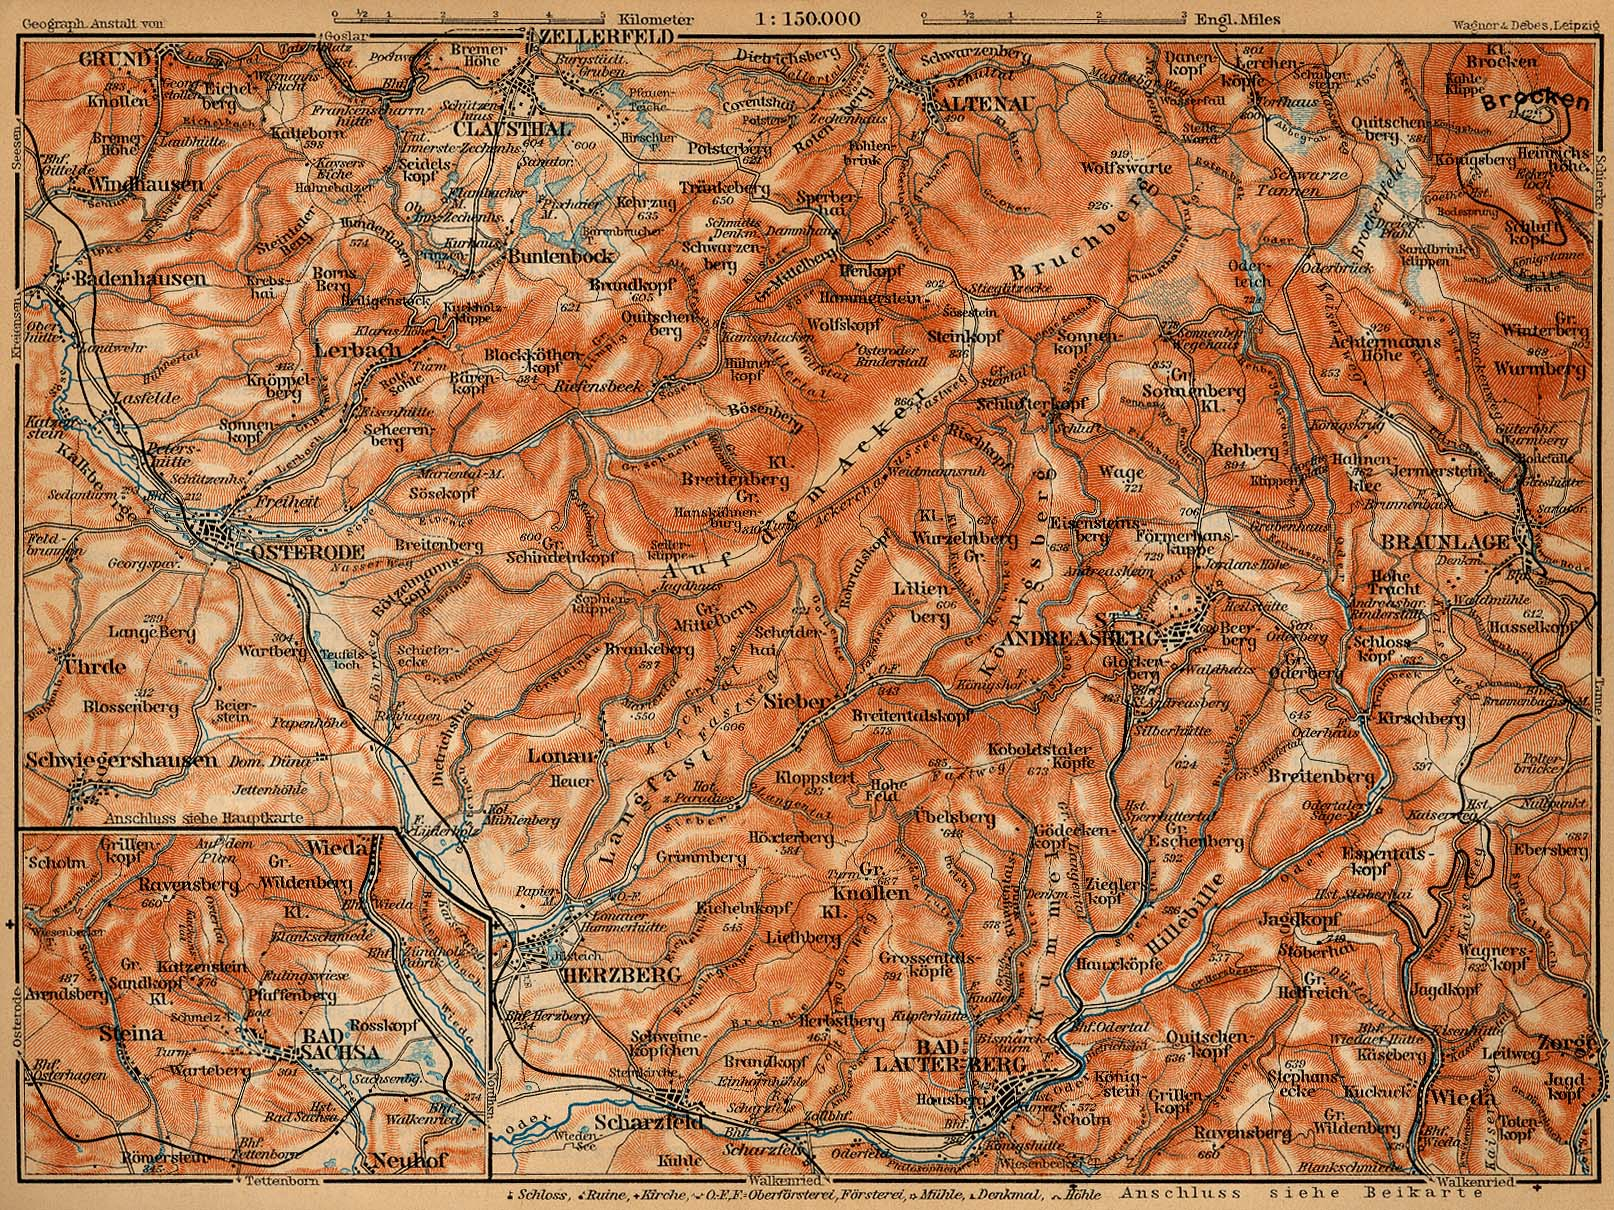 Mapa de las Montañas Harz Desde Osterode Hasta Brocken, Alemania 1910